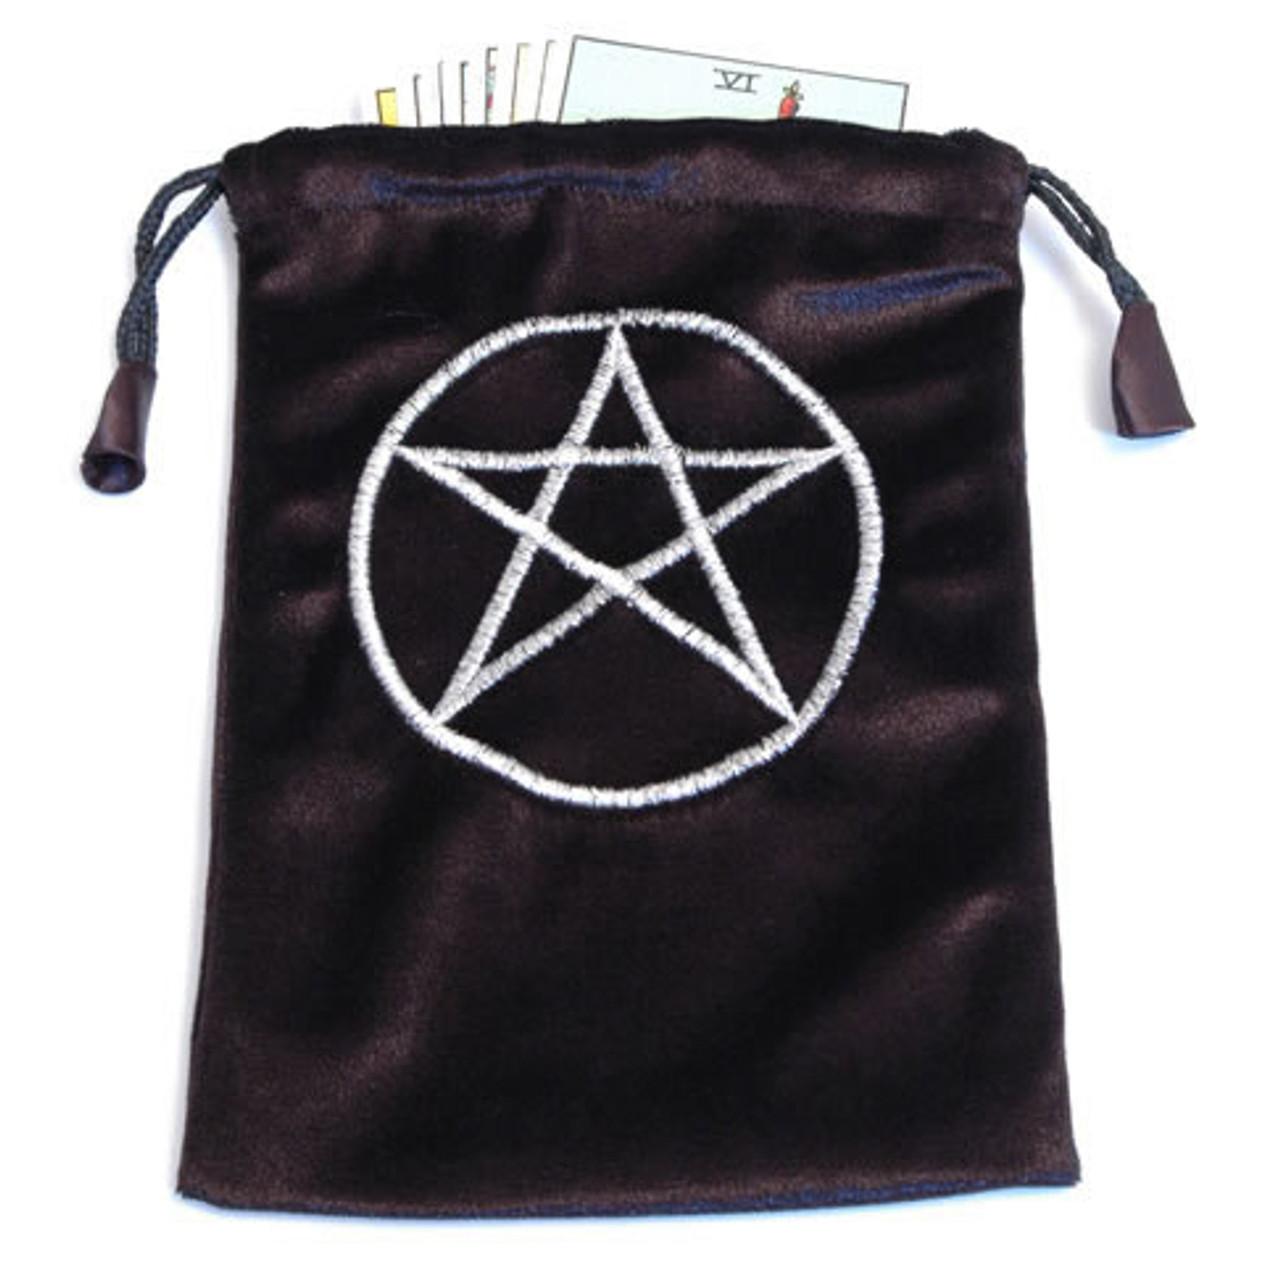 Black Velvet Tarot/Angel Card Bag  - Pentacle Symbol